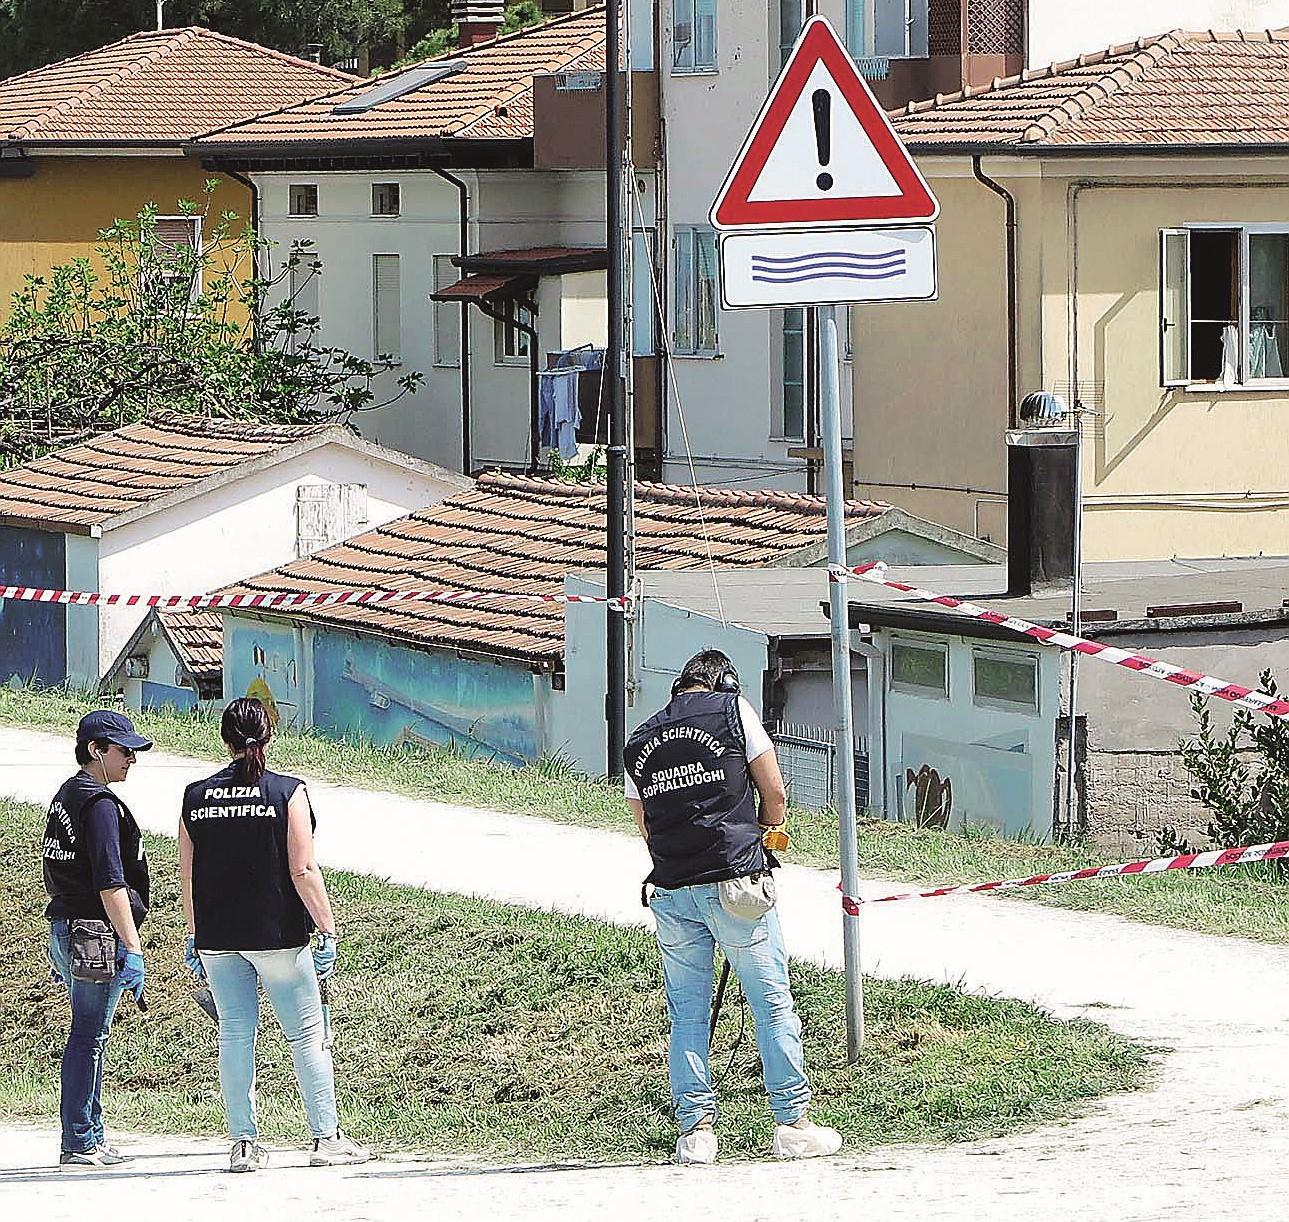 Omicidio della panchina a Rimini, l'accusa chiede 30 anni